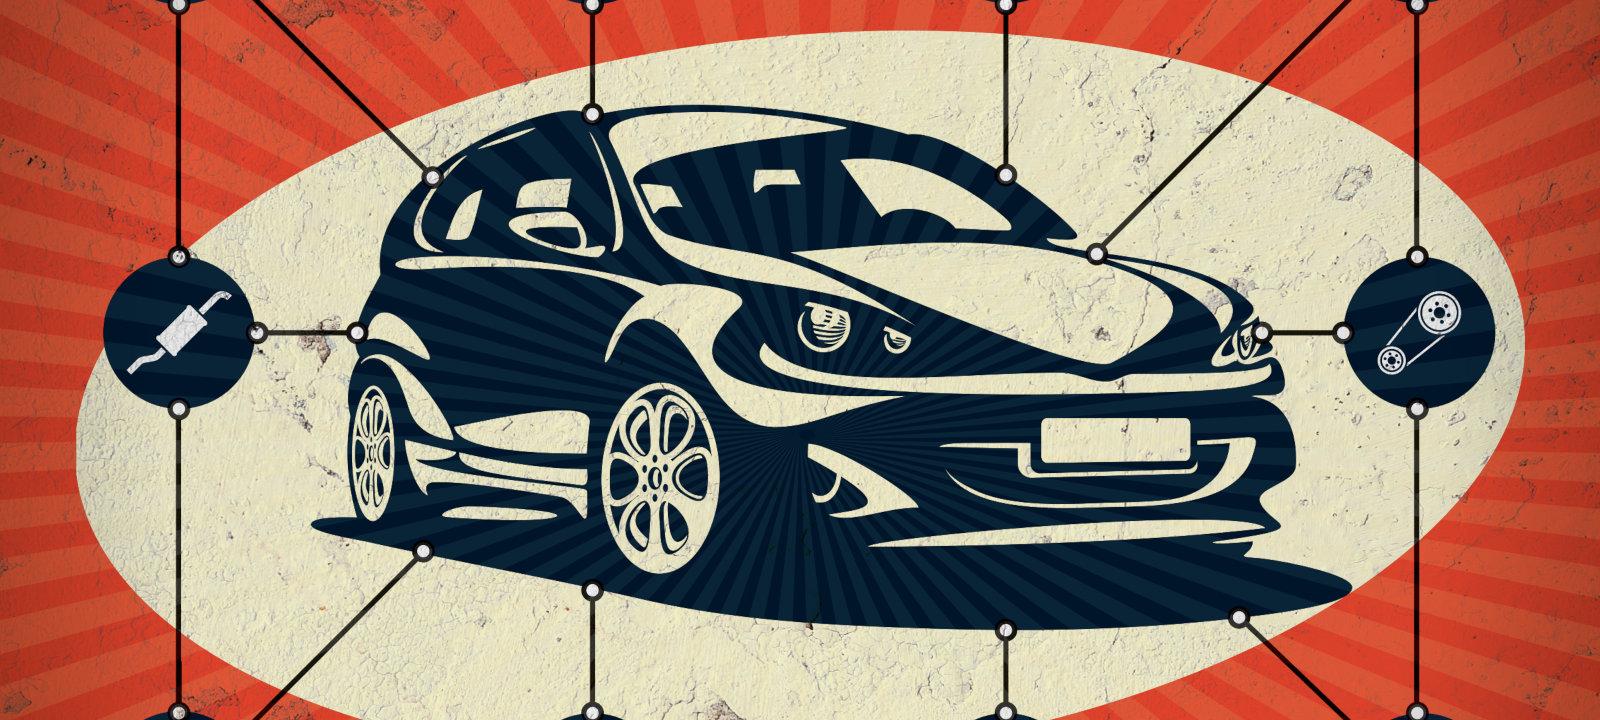 Перечитываем «Хакер». Лучшие статьи из номера 194 «Car hacking!»